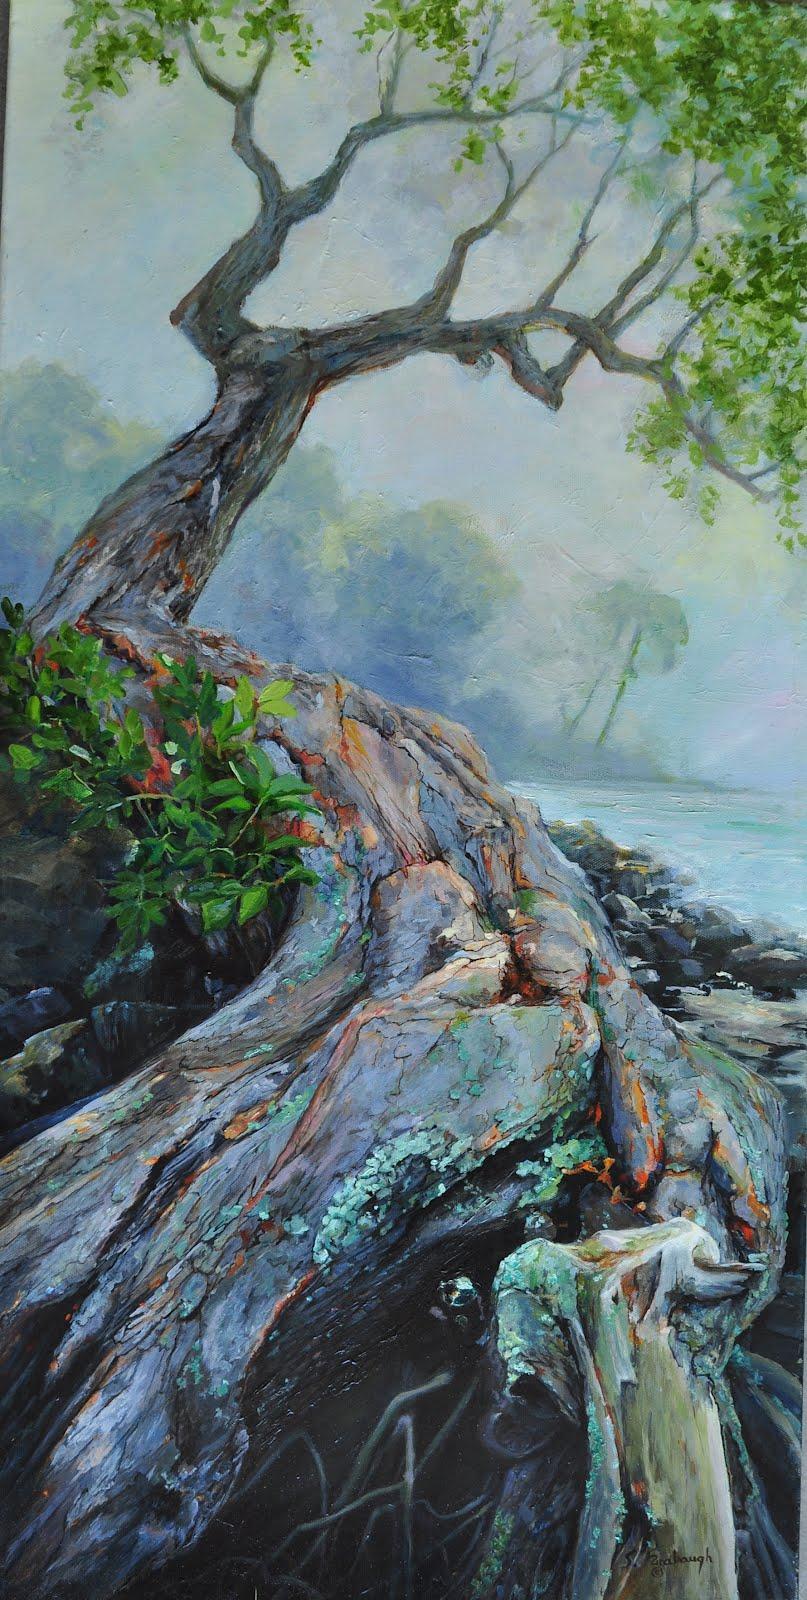 Sheri Farabaugh Daily Paintings Tree Of Life Original Painting